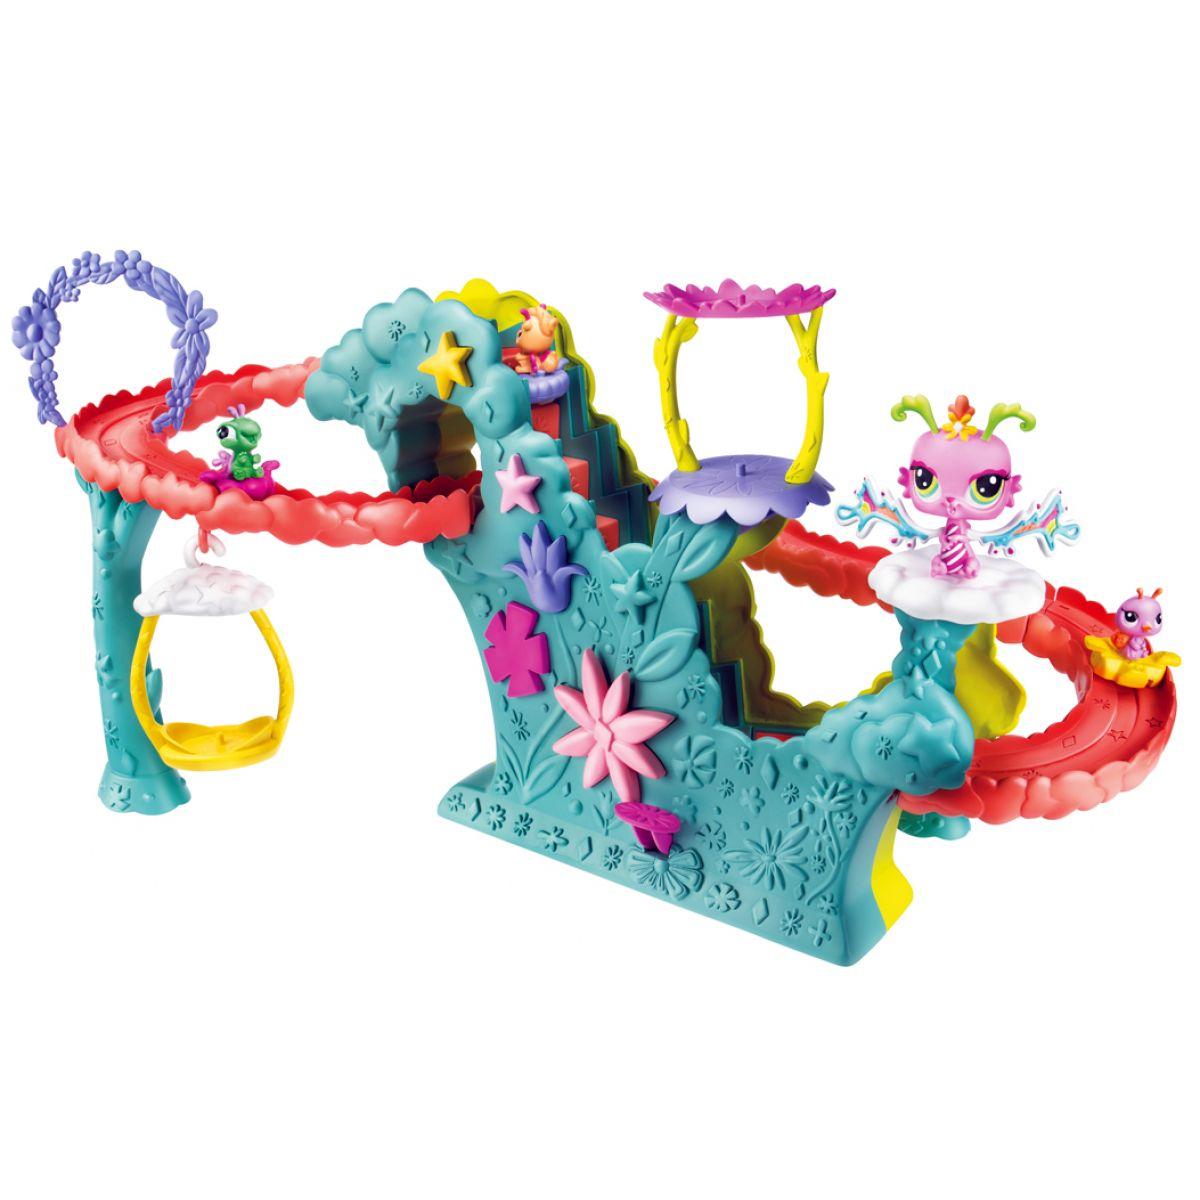 Littlest Pet Shop Velký hrací set Okouzlující víly